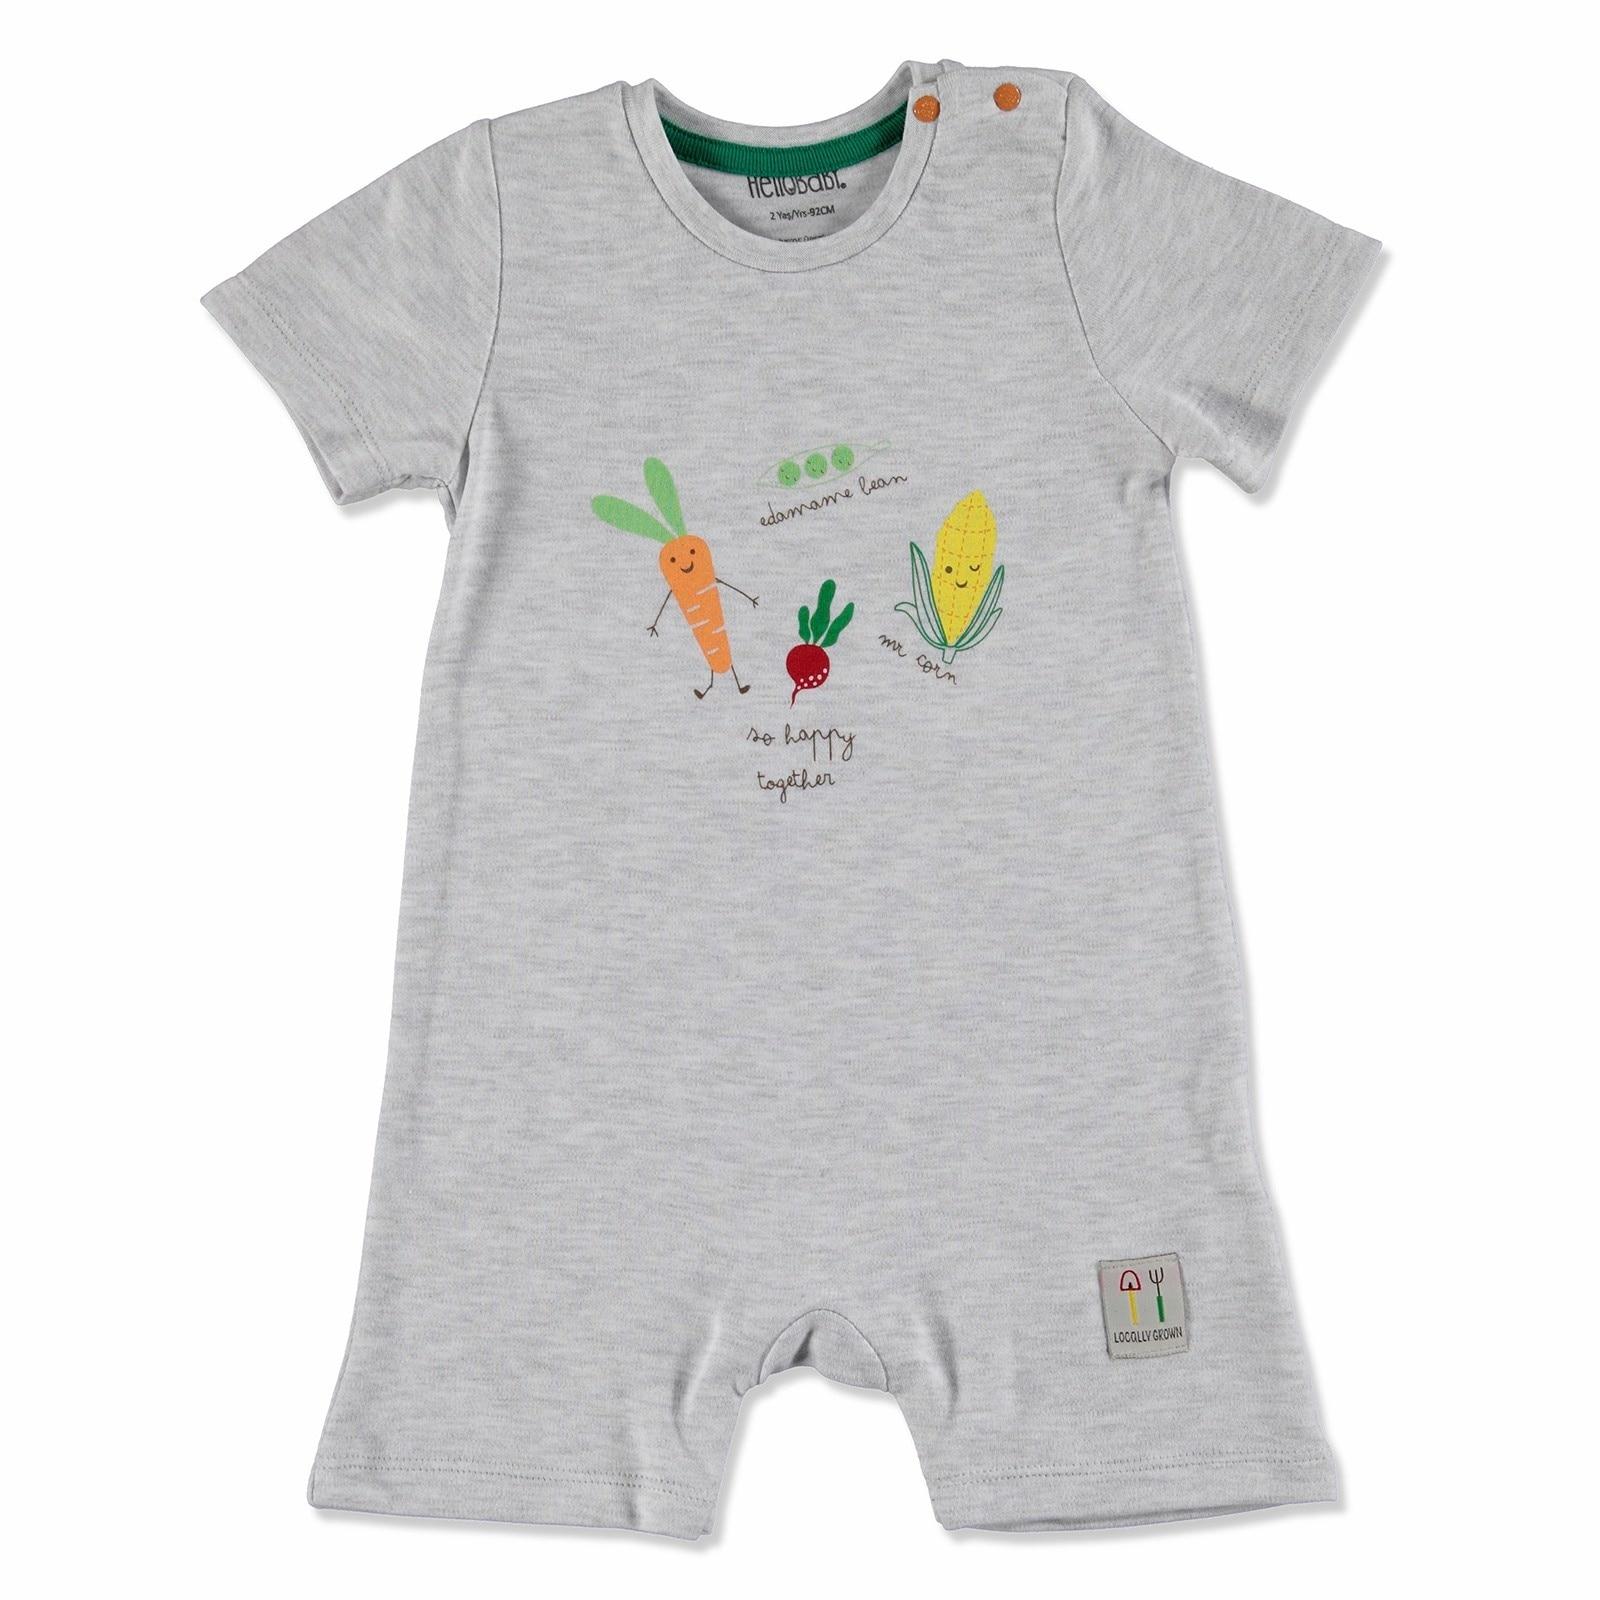 Ebebek HelloBaby Summer Baby Sweet Vegetables Short Sleeve Jumpsuit